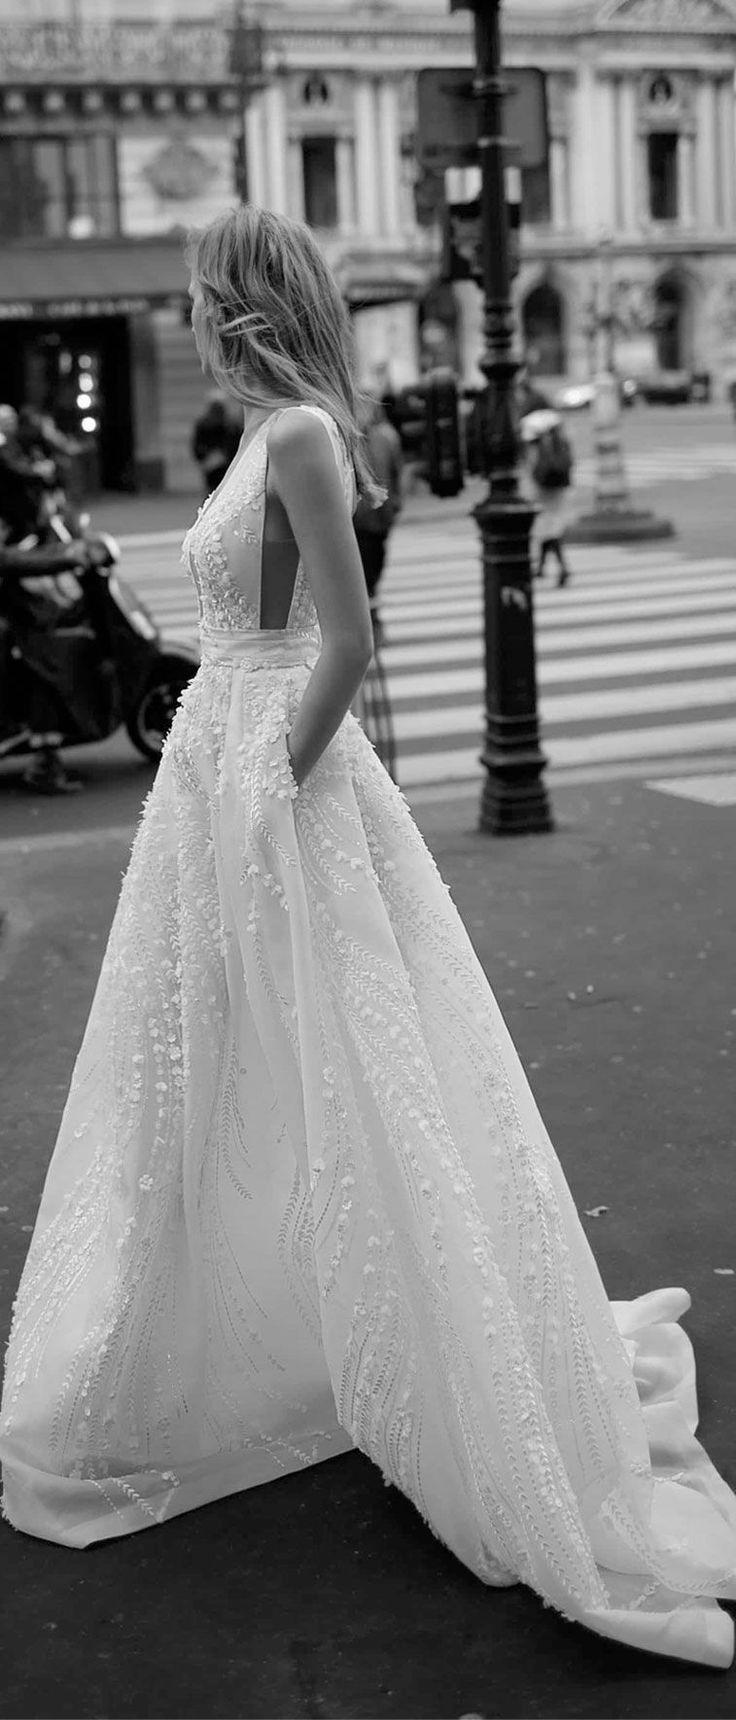 Eisen Stein Wedding Dresses – Light Feather Bridal Collection #weddingdress #wed…